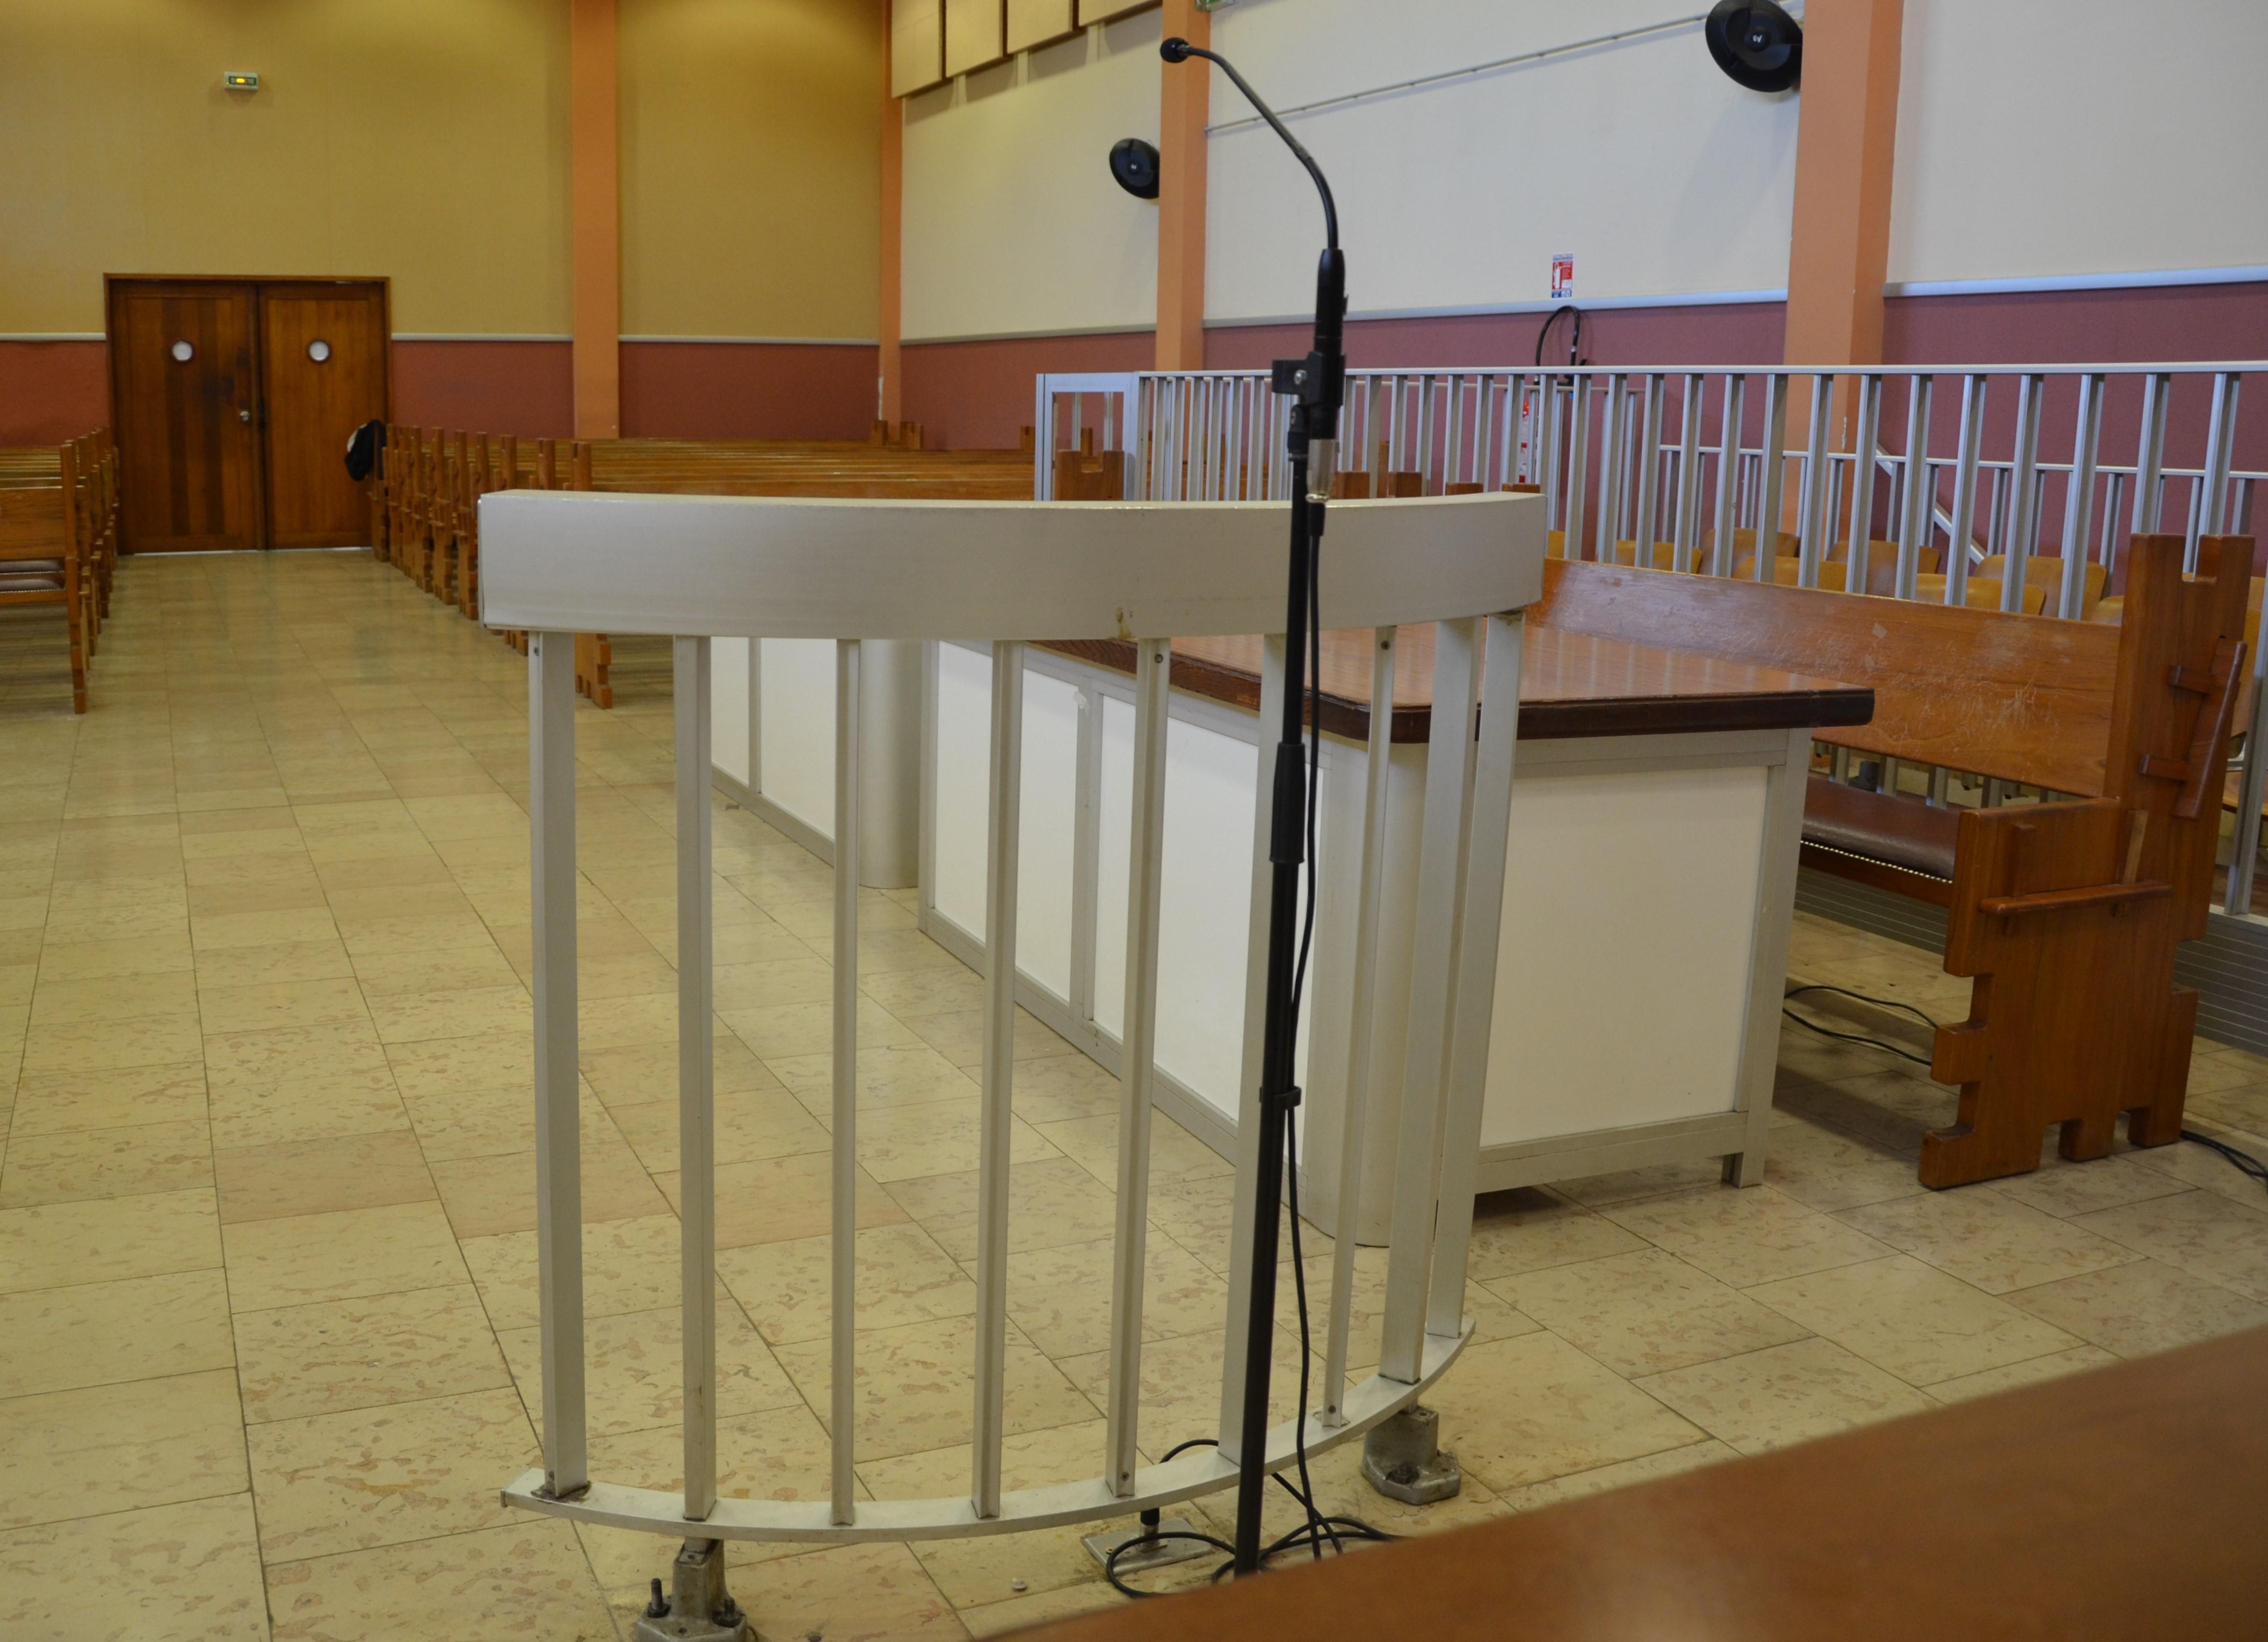 Assassinats, meurtre et coups mortels au menu des jurés de la cour d'assises